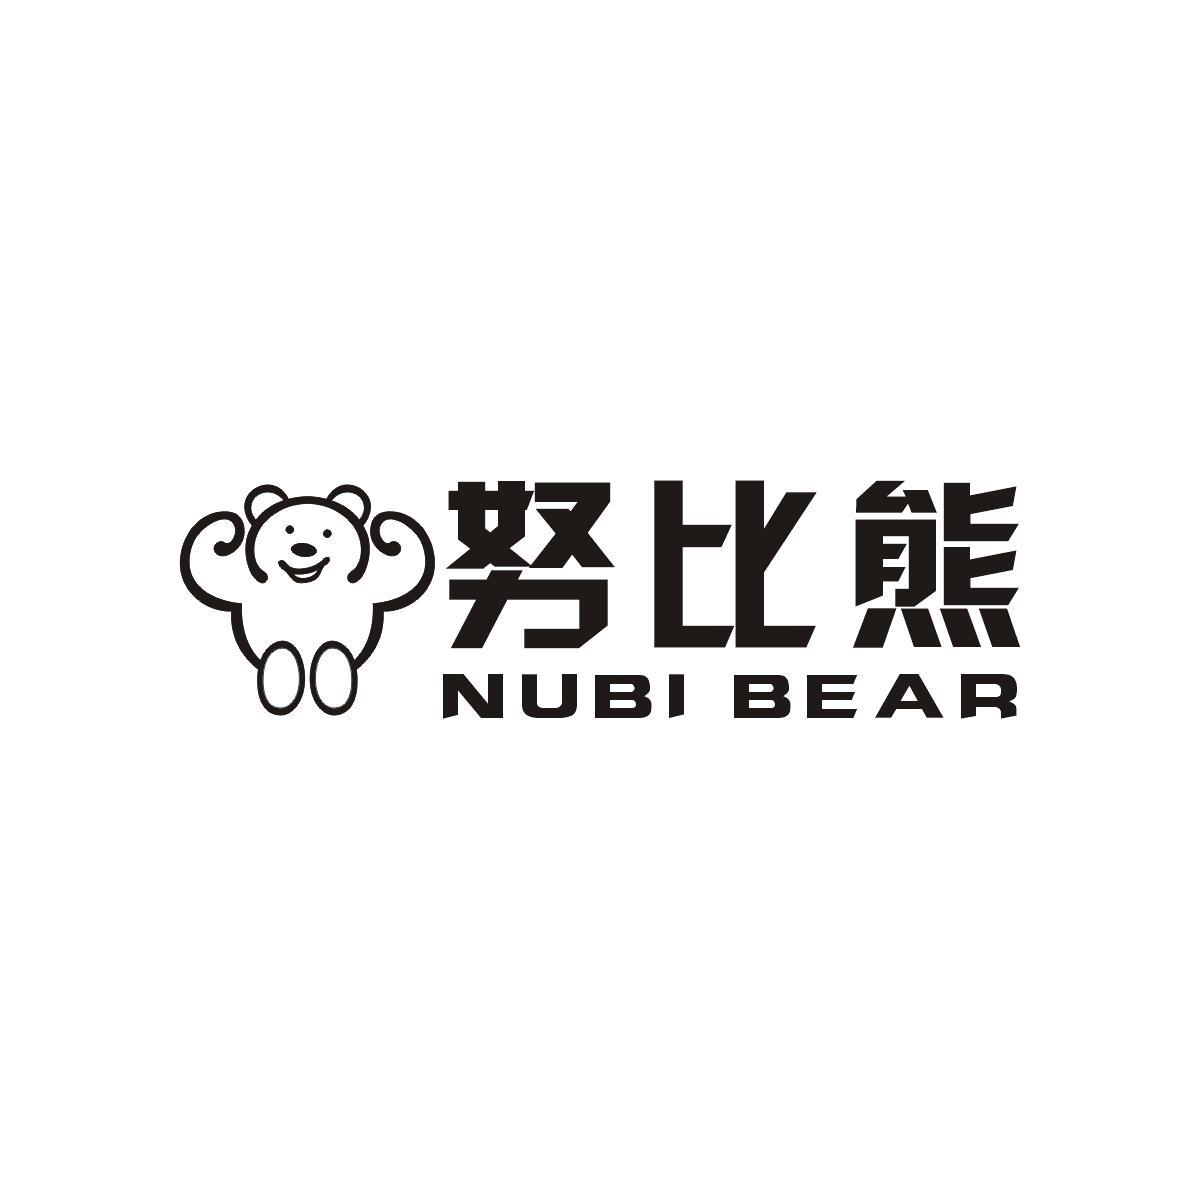 努比熊  NUBI BEAR